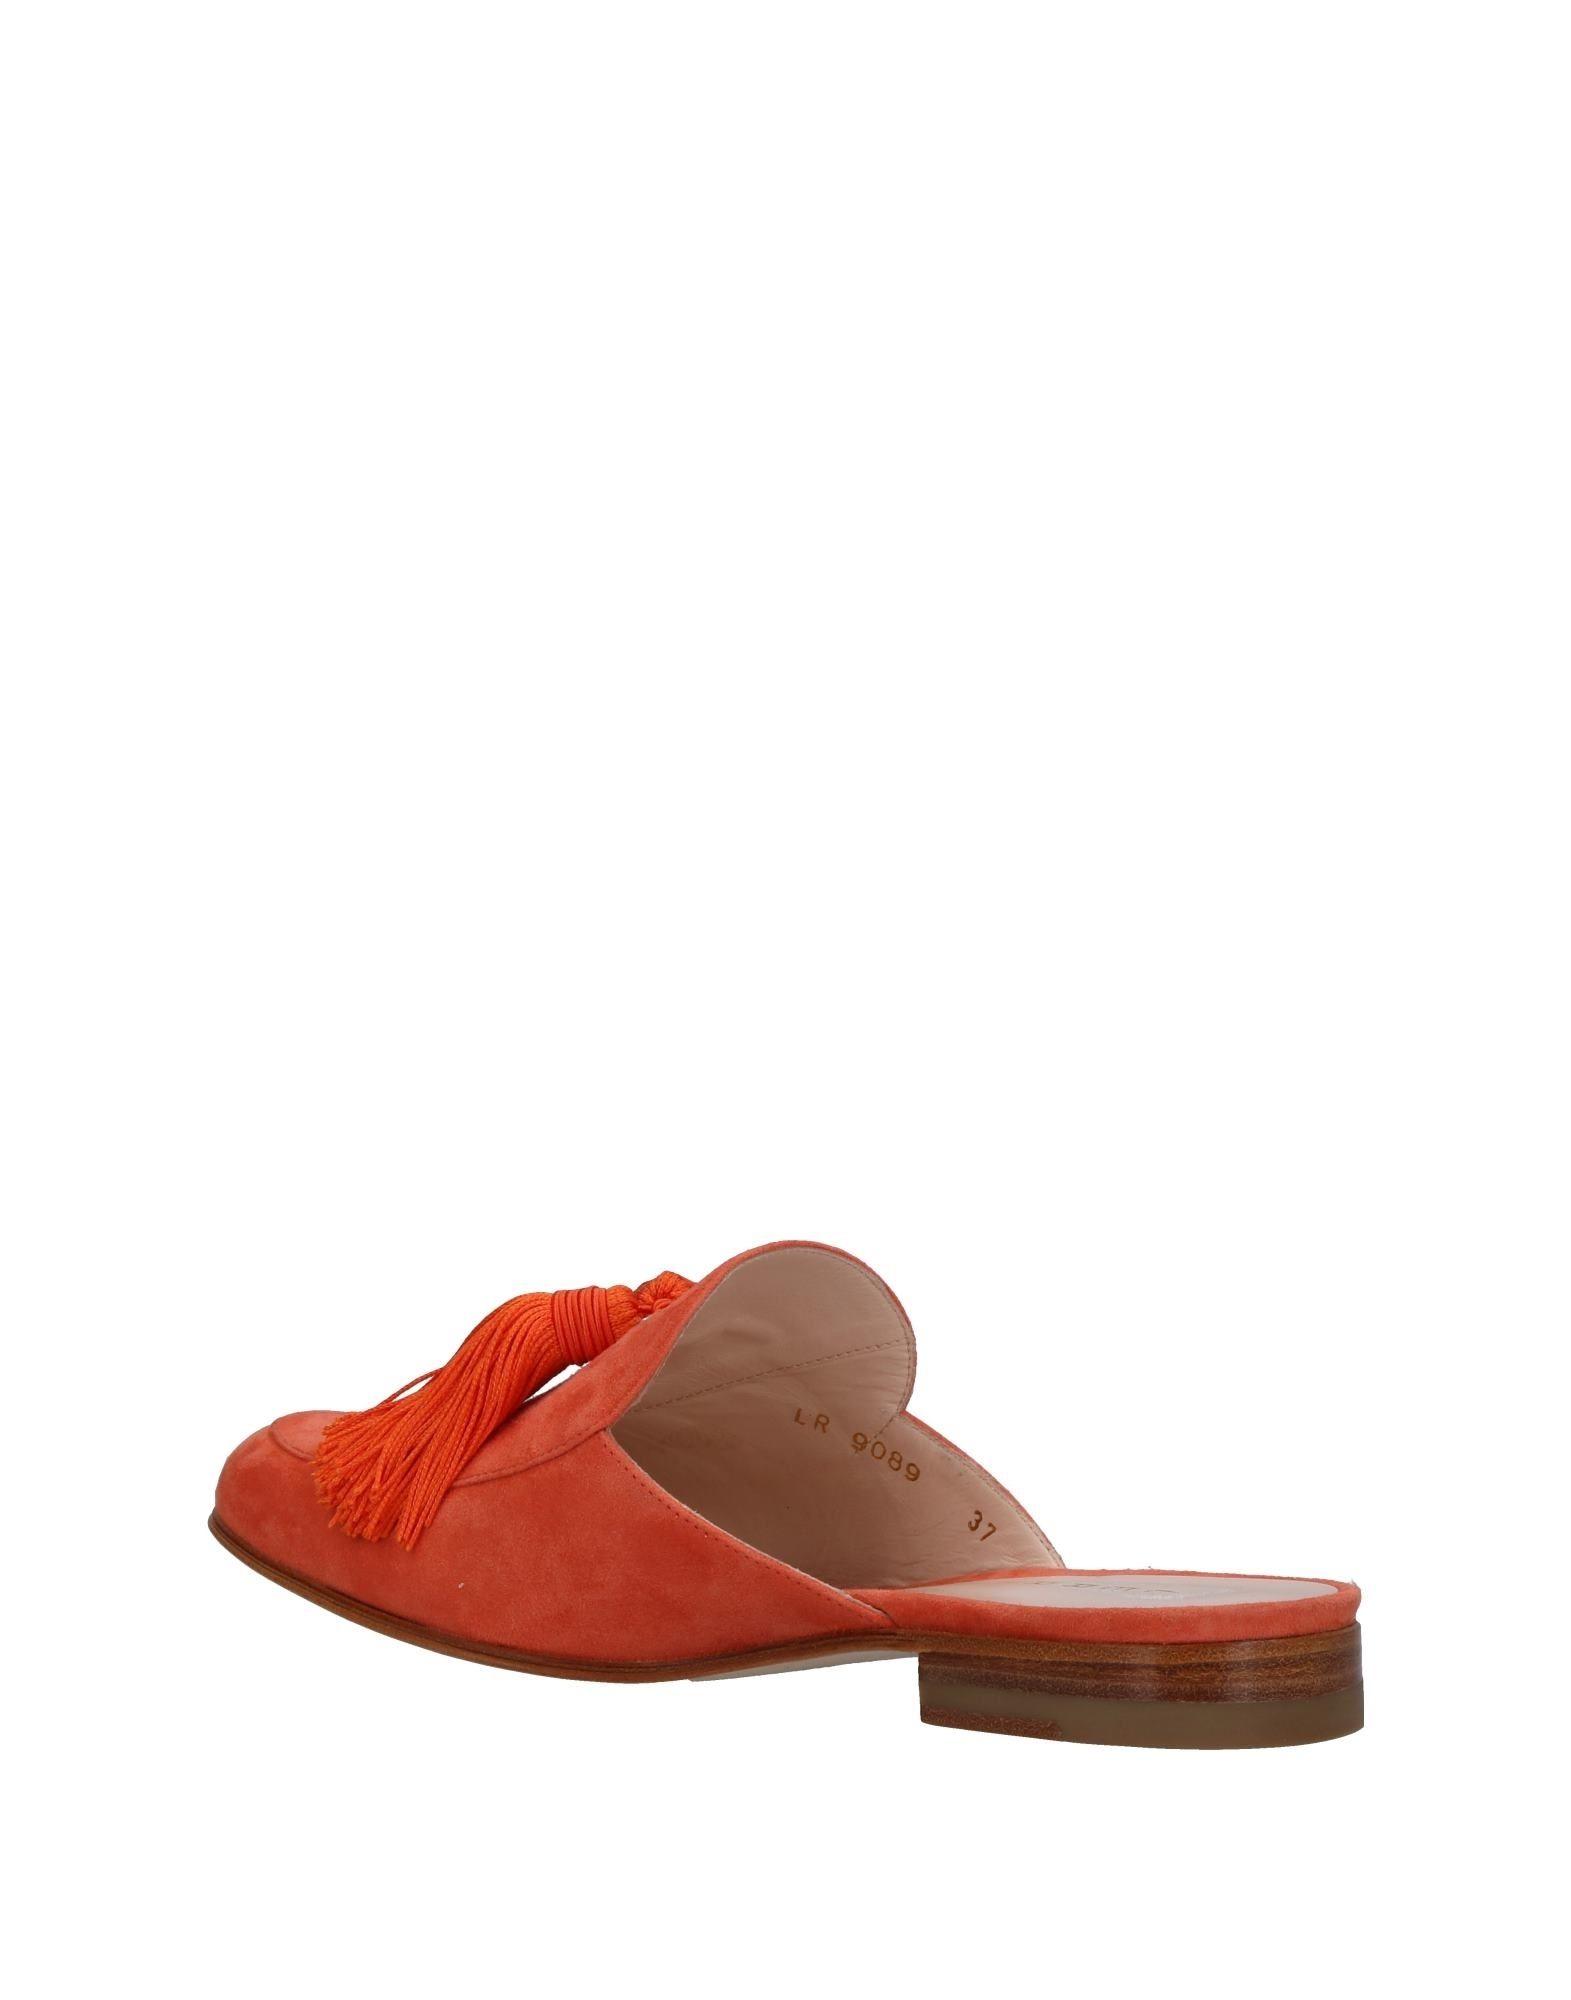 Lerre Pantoletten strapazierfähige Damen  11405205IIGut aussehende strapazierfähige Pantoletten Schuhe 44fe08